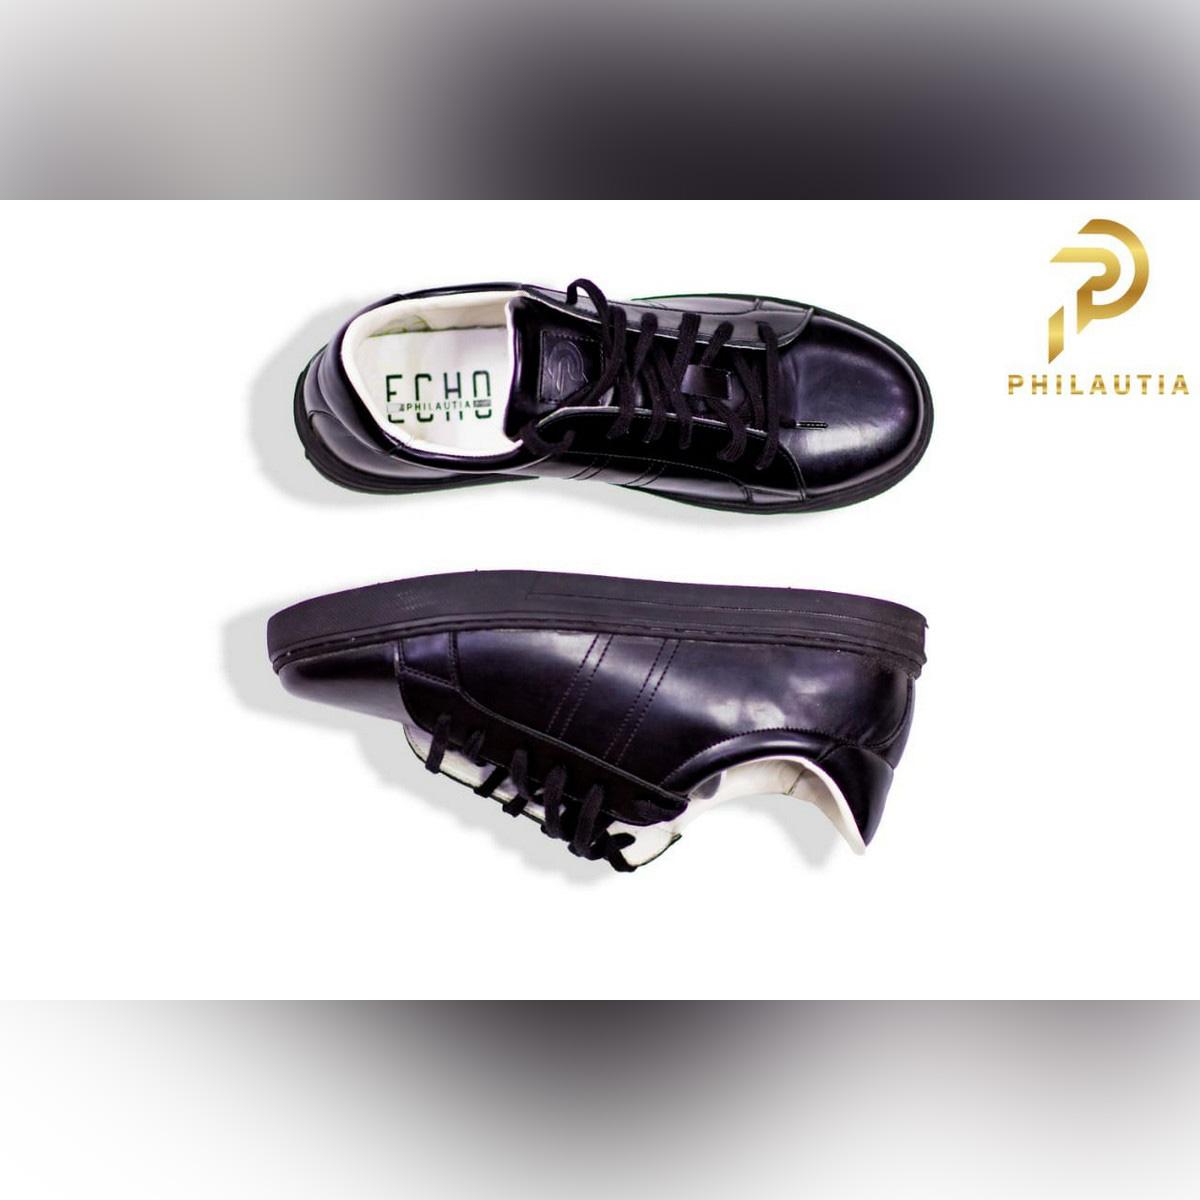 Philautia Echo - Genuine Premium Leather Sneakers